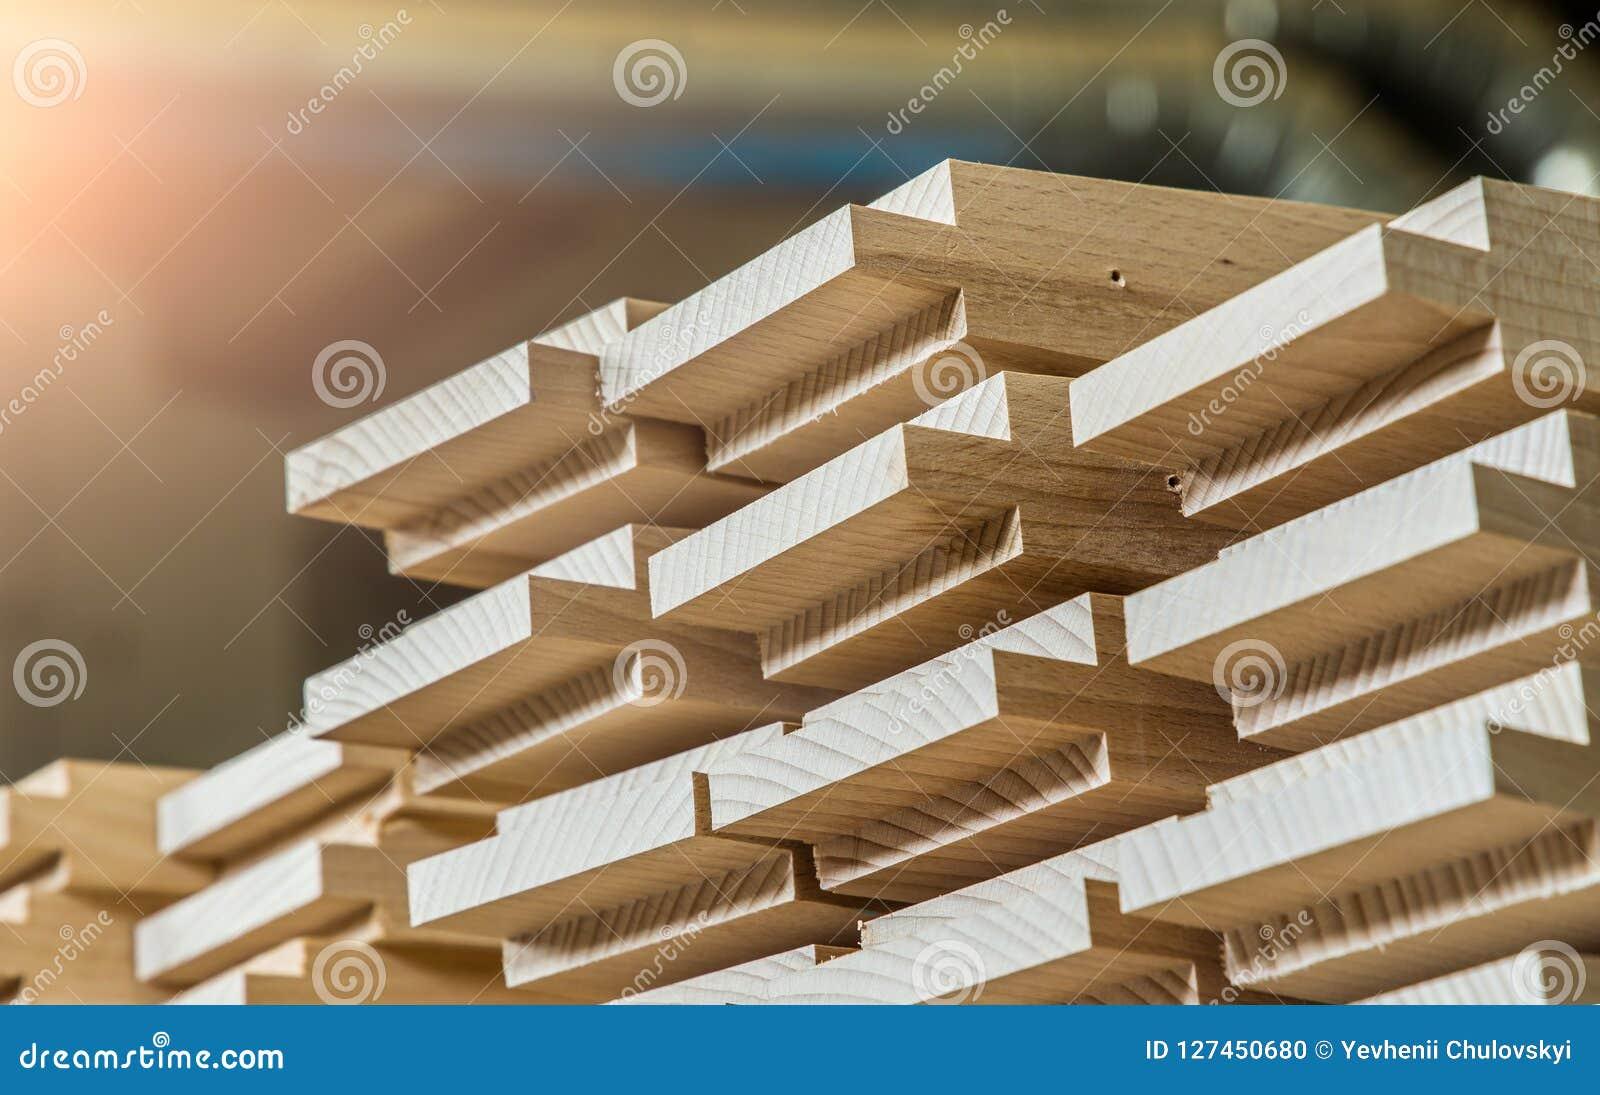 Деревянный конструкционный материал тимберса для предпосылки и текстуры детализирует деревянный шип продукции изделия из древесин